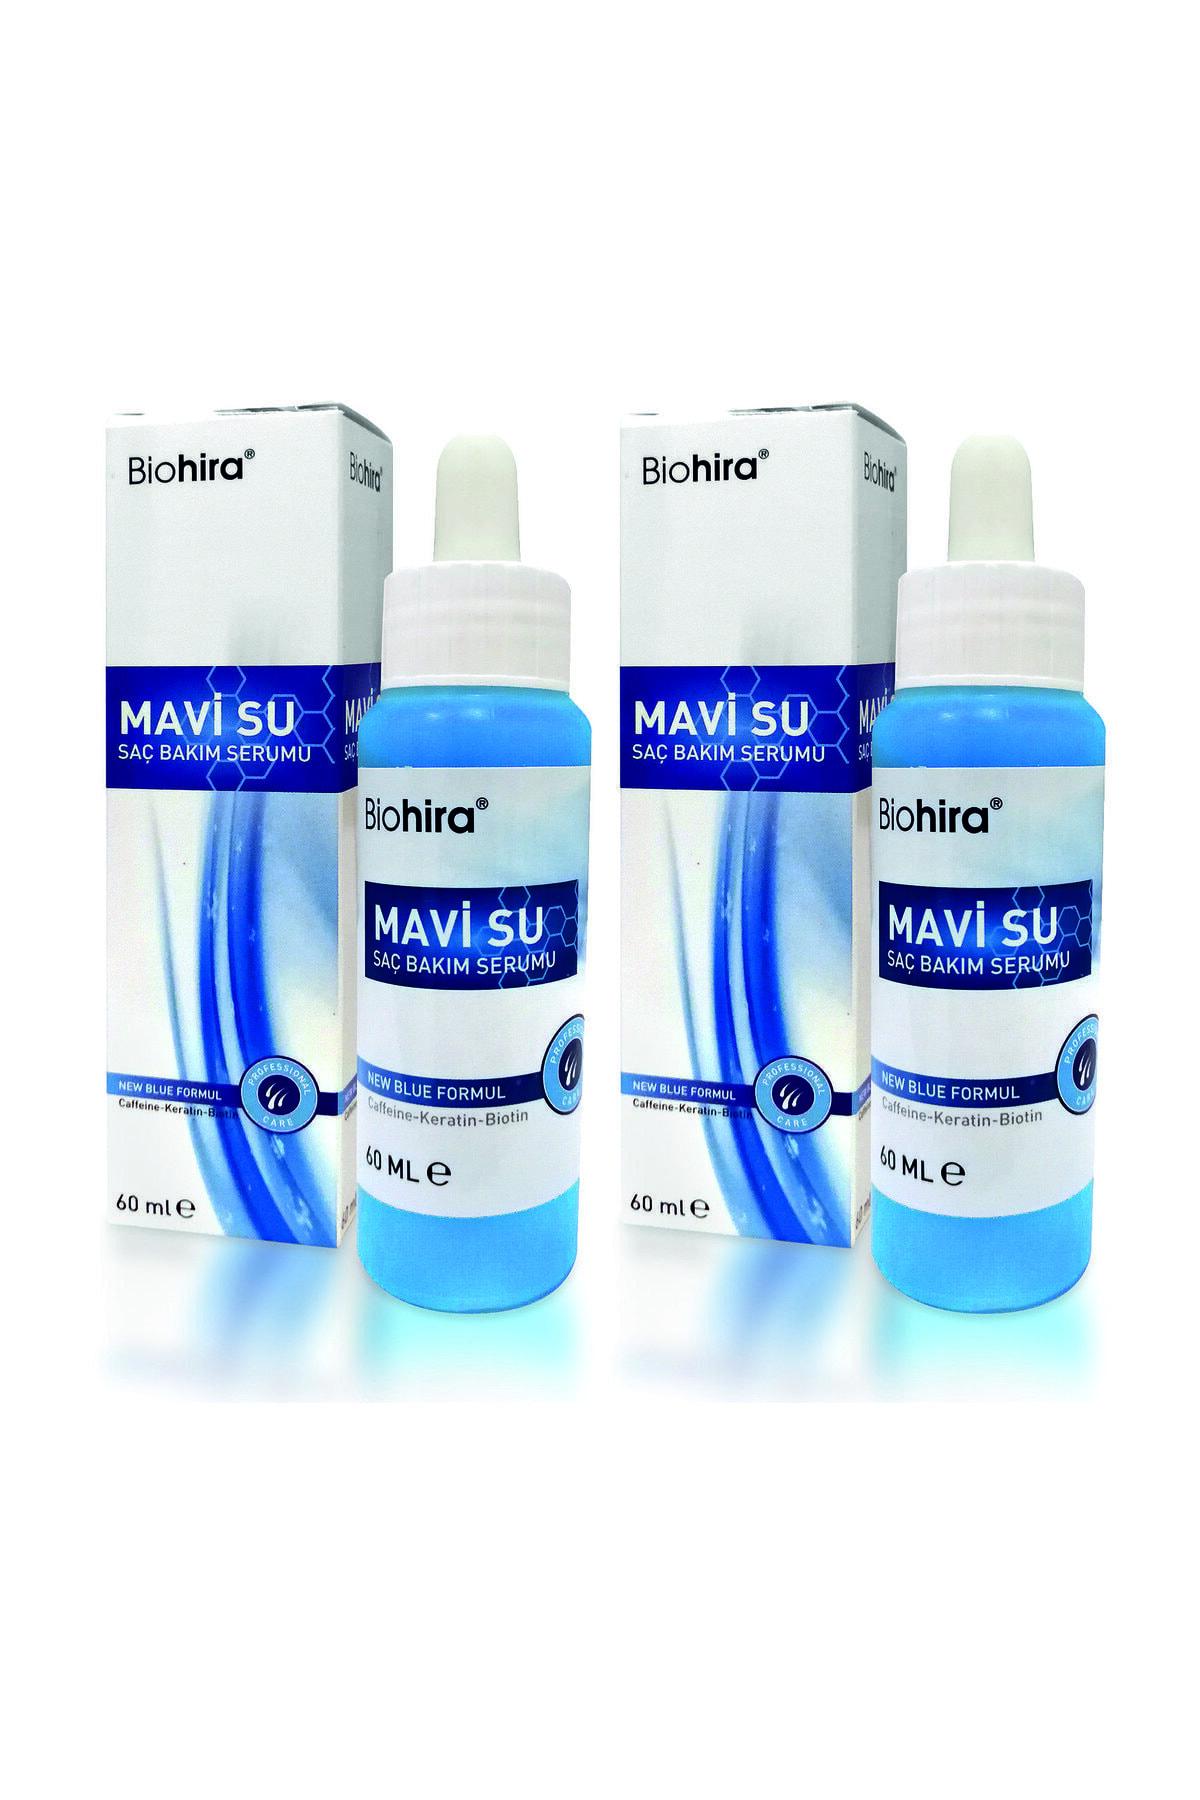 Bio Hira Biohira Mavi Su Saç Bakım Serumu 60 Ml 2 Adet 1